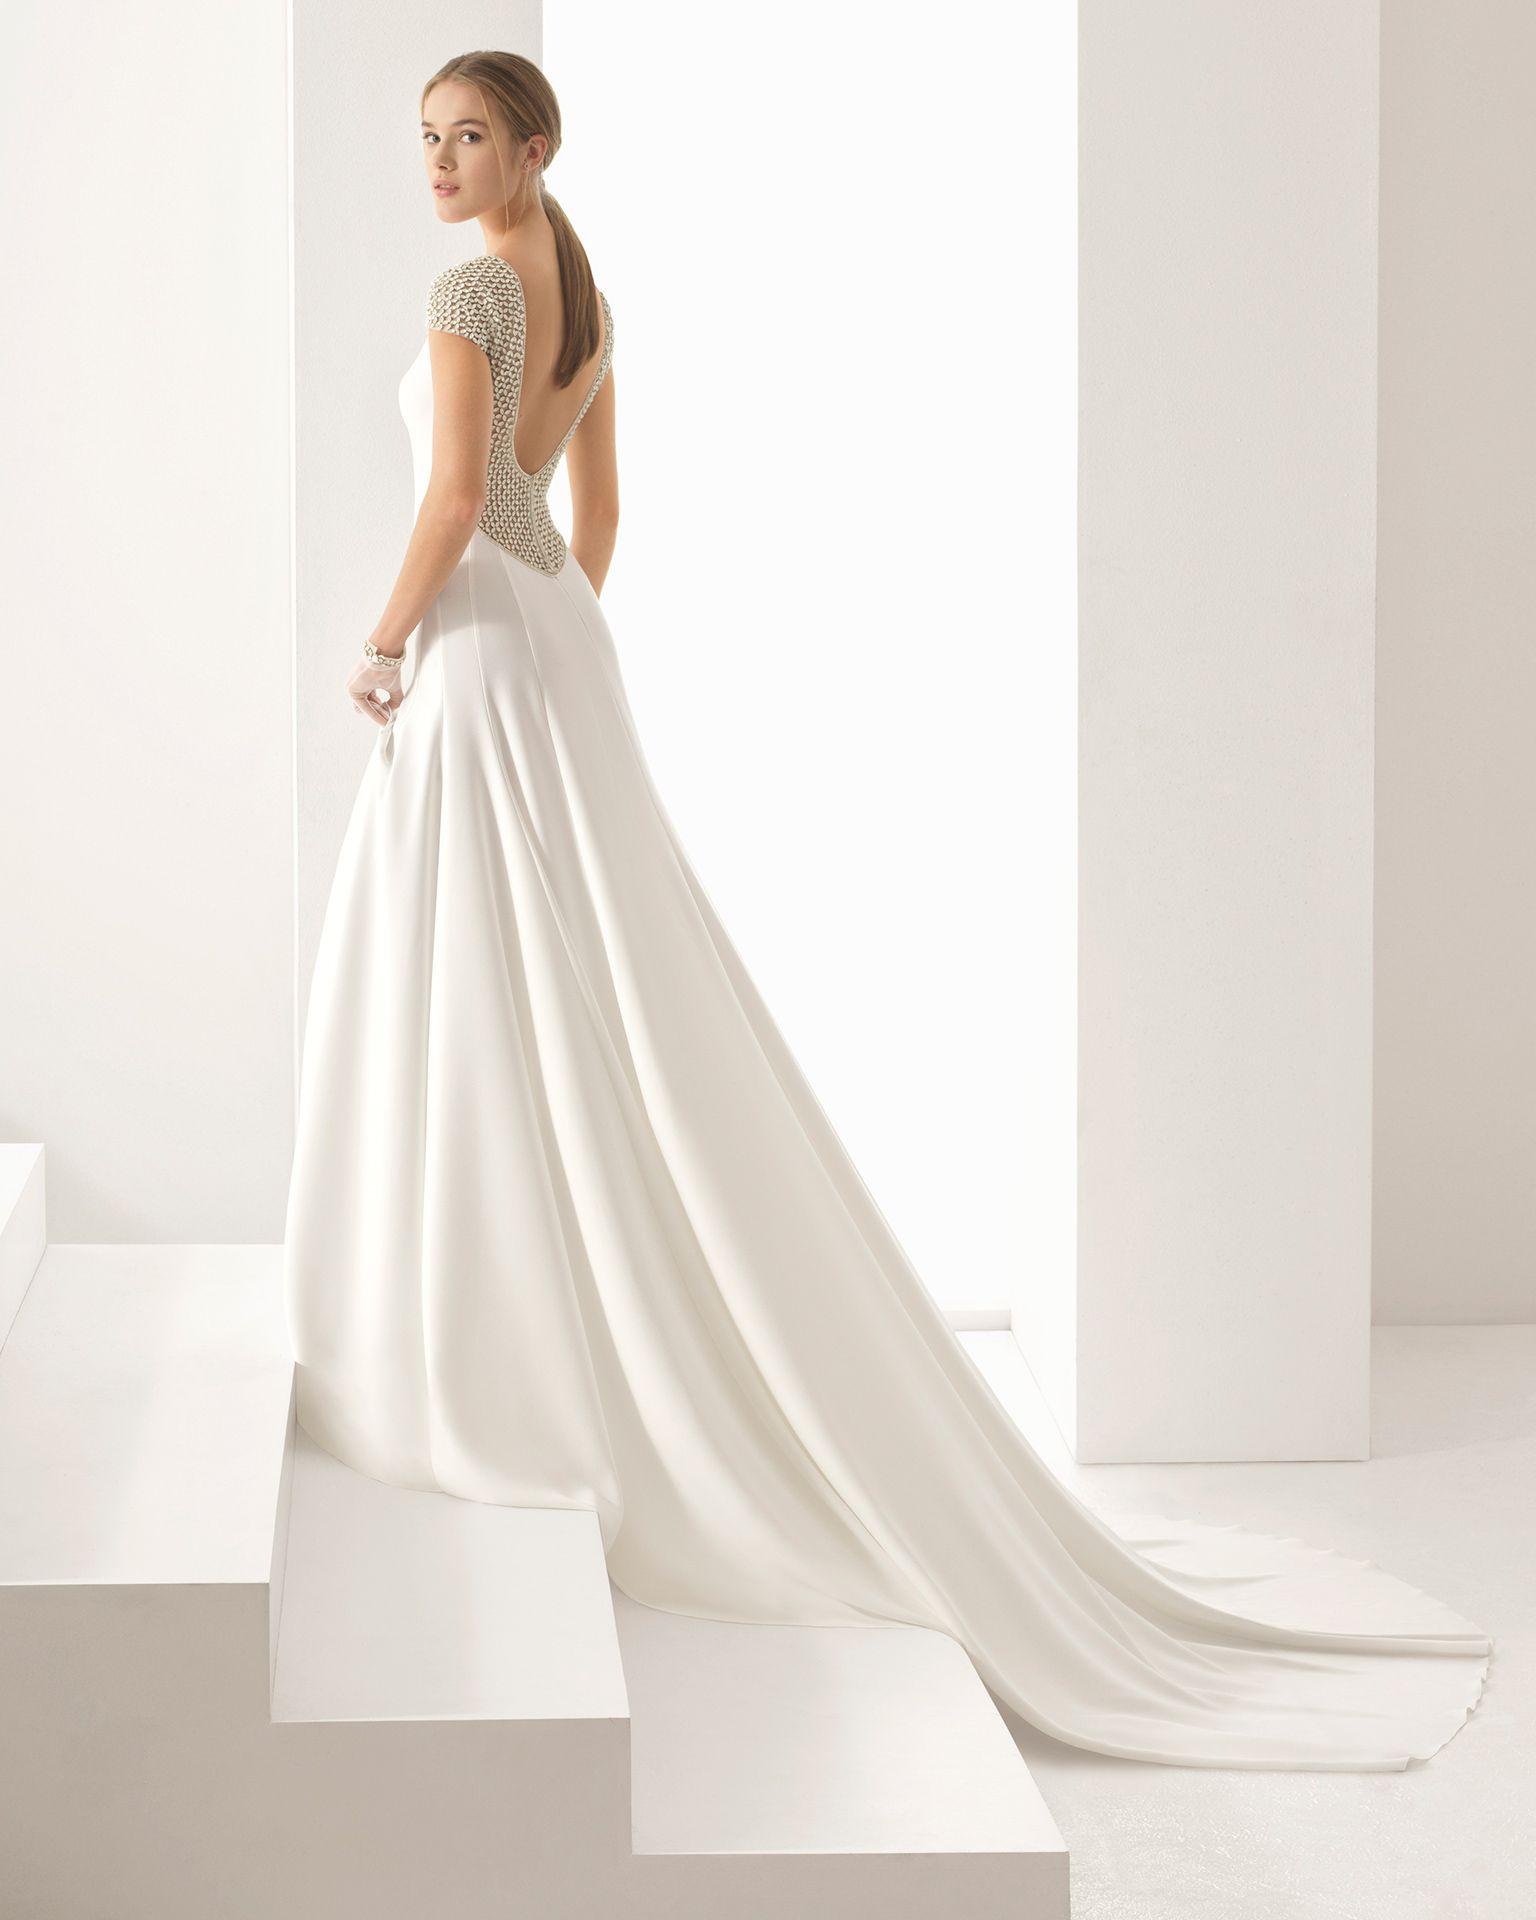 ecf45d4e94da PAT - Коллекция свадебных платьев 2018 г. Коллекция Rosa Clará ...